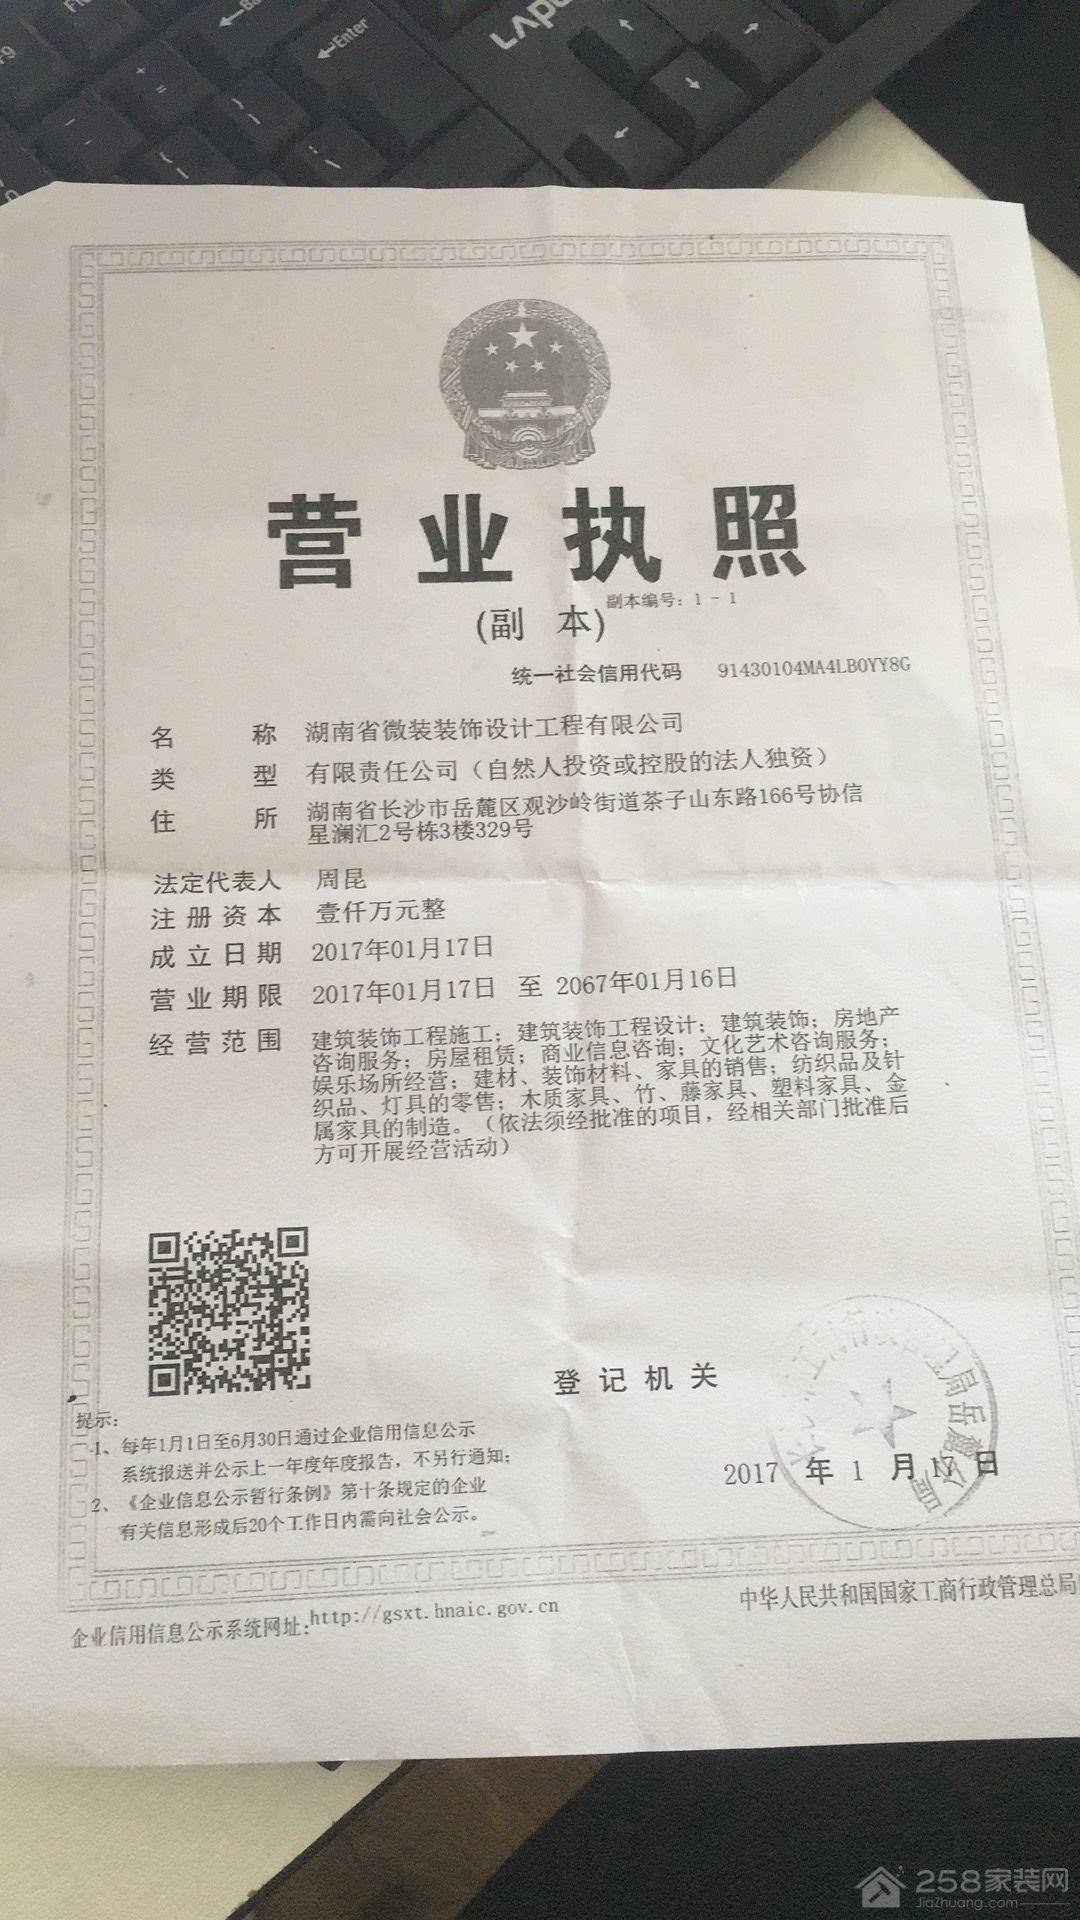 湖南省微装装饰设计工程有限公司